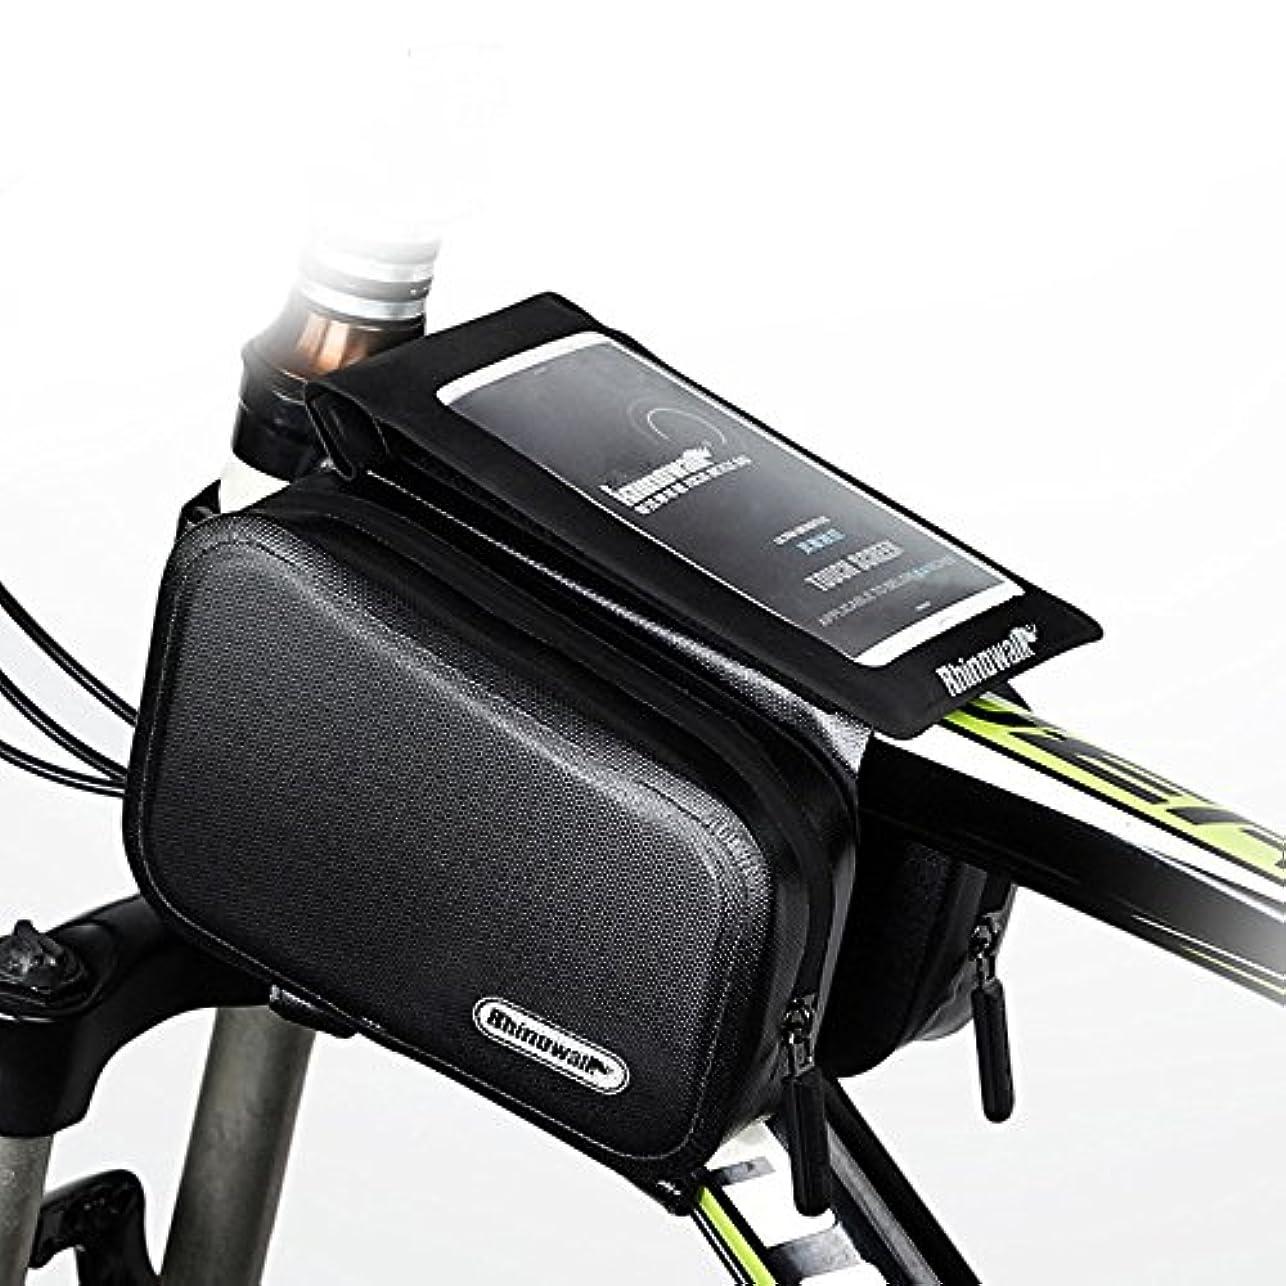 結婚ご予約きゅうりバイクバッグトップチューブバッグフロントチューブフレームバッグ防水自転車バッグプロのサイクリングアクセサリー 坚しっかり大容量 (色 : ブラック)